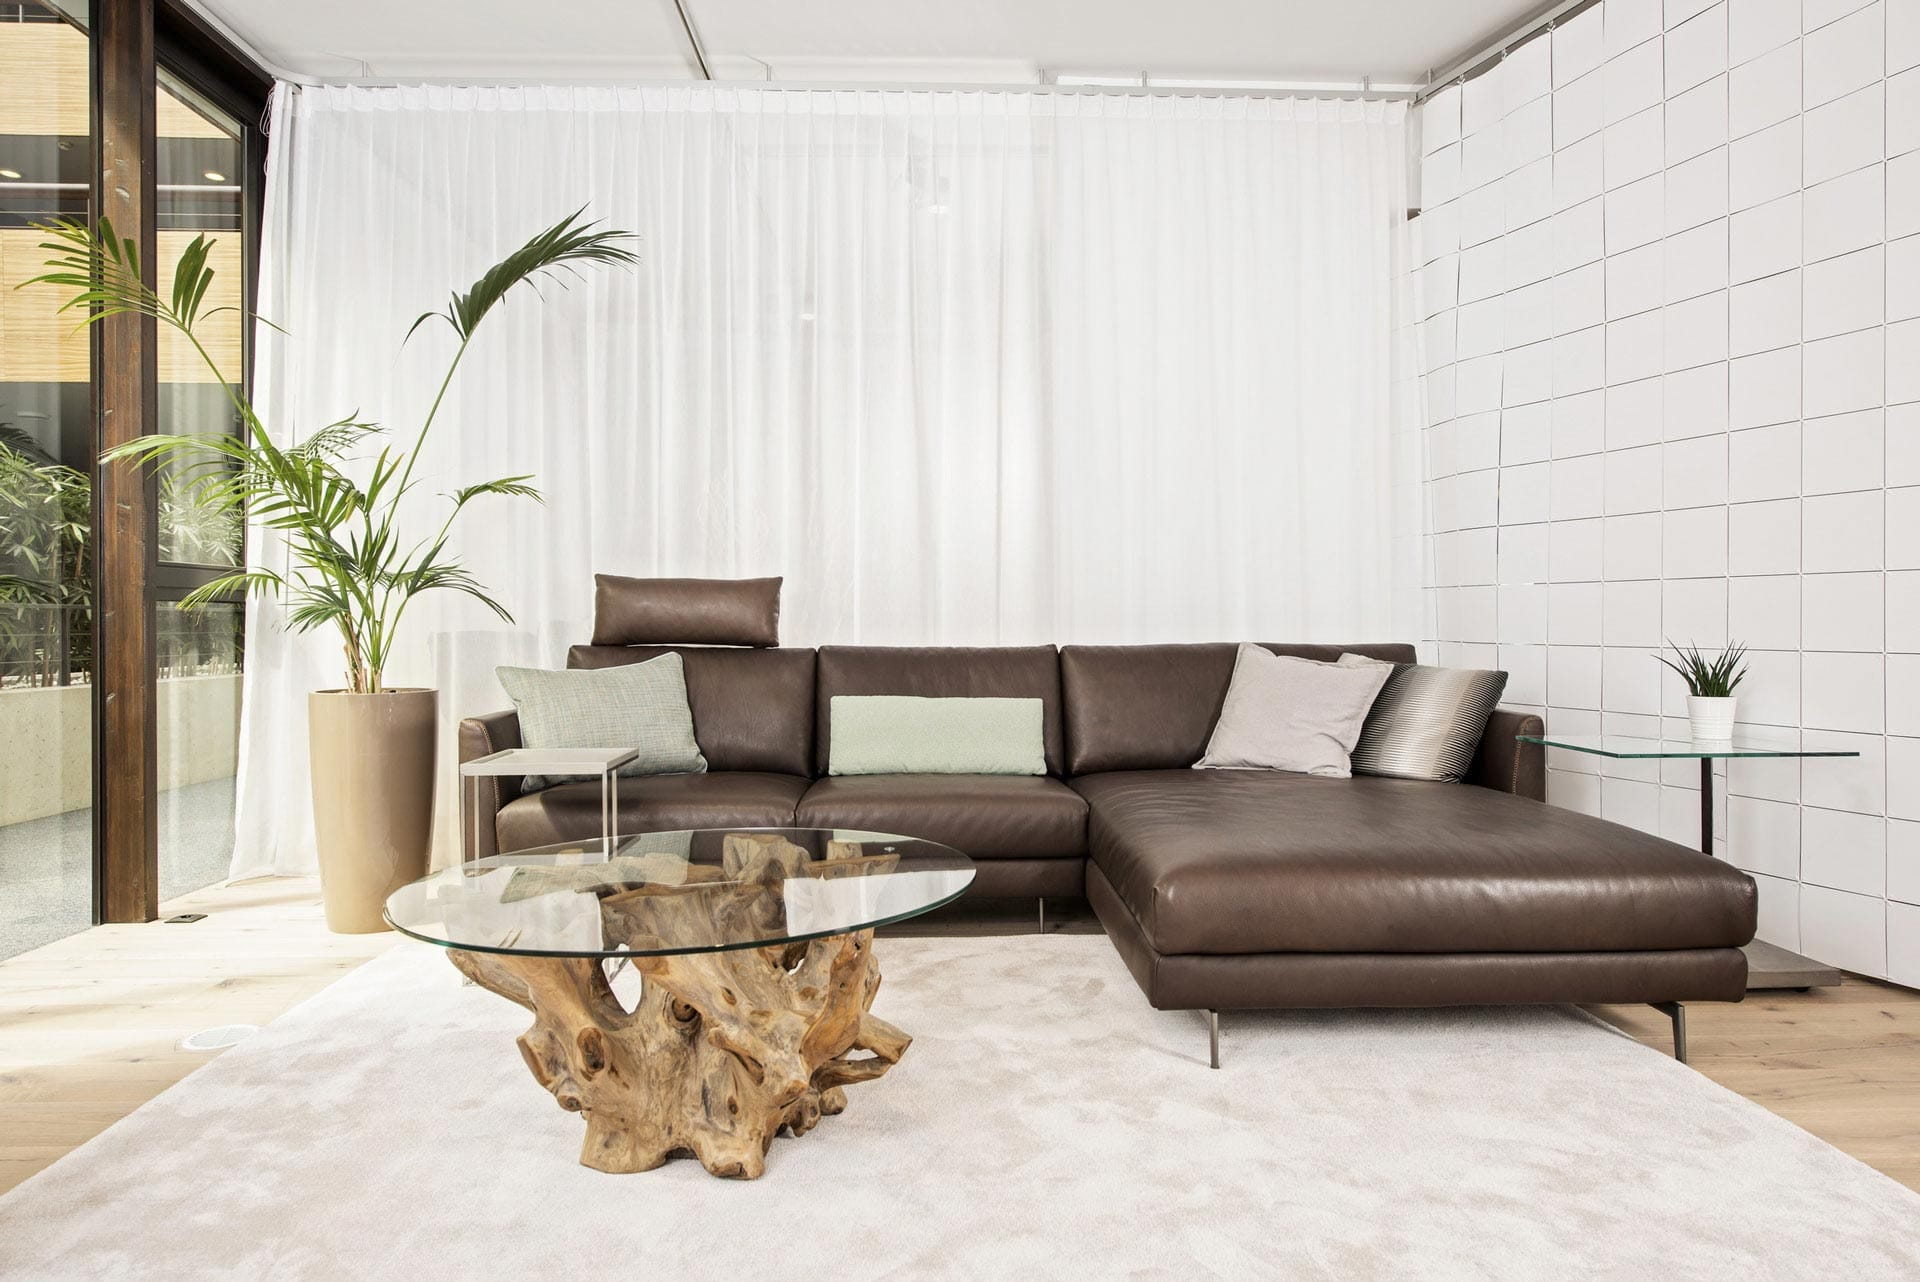 couchzone - Interior Design Innsbruck - Couch und Tisch